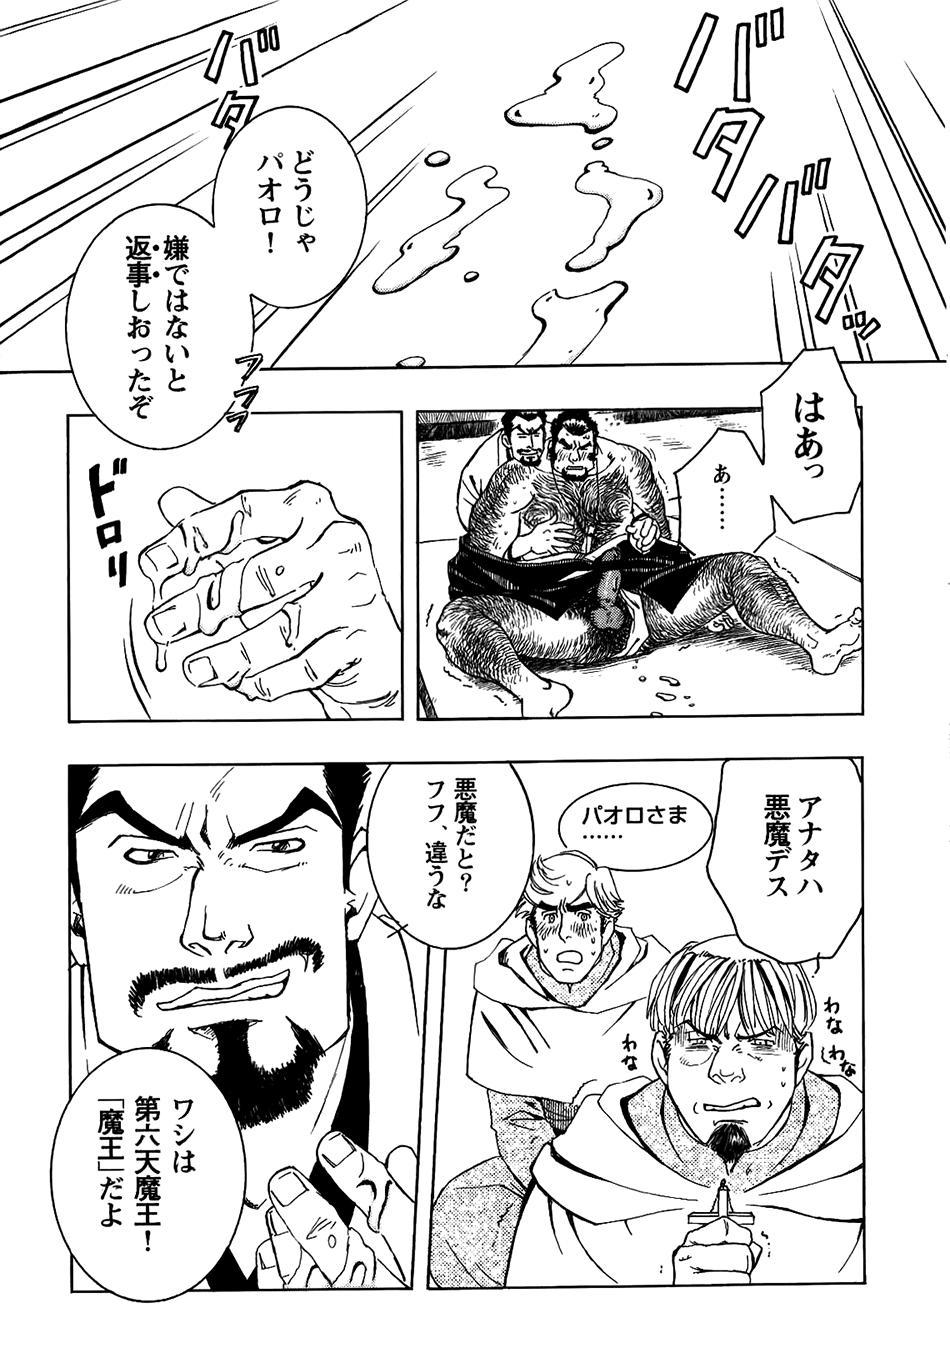 Nobunaga's lotion man 10